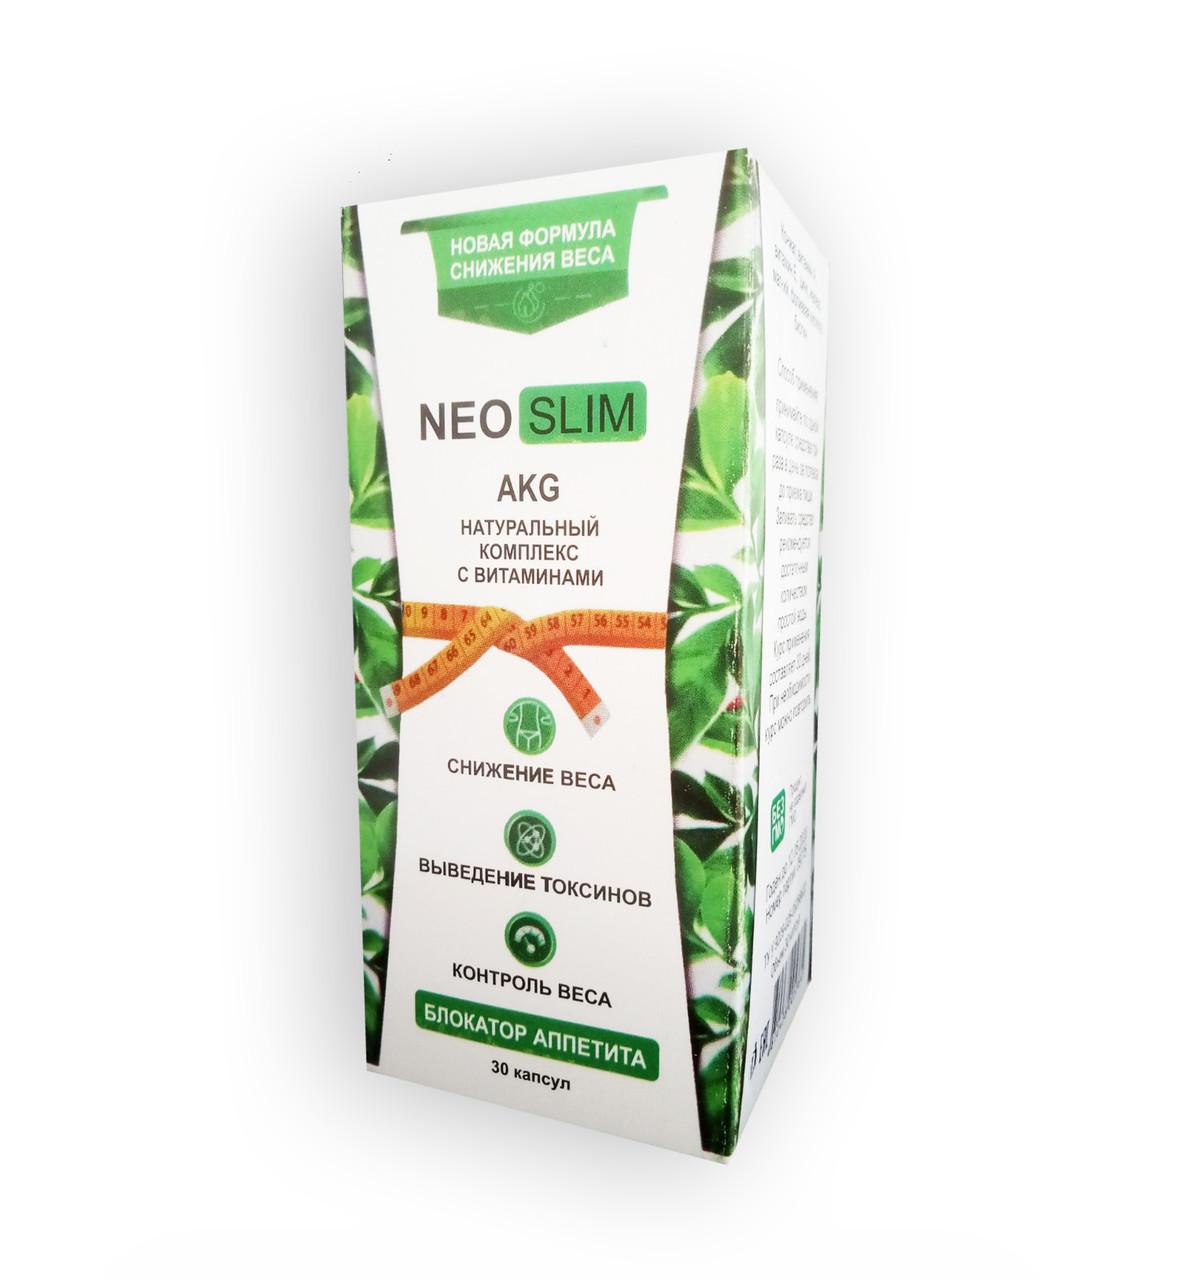 Neo Slim AKG (Нео Слим АКГ) Капсулы для похудения 19461